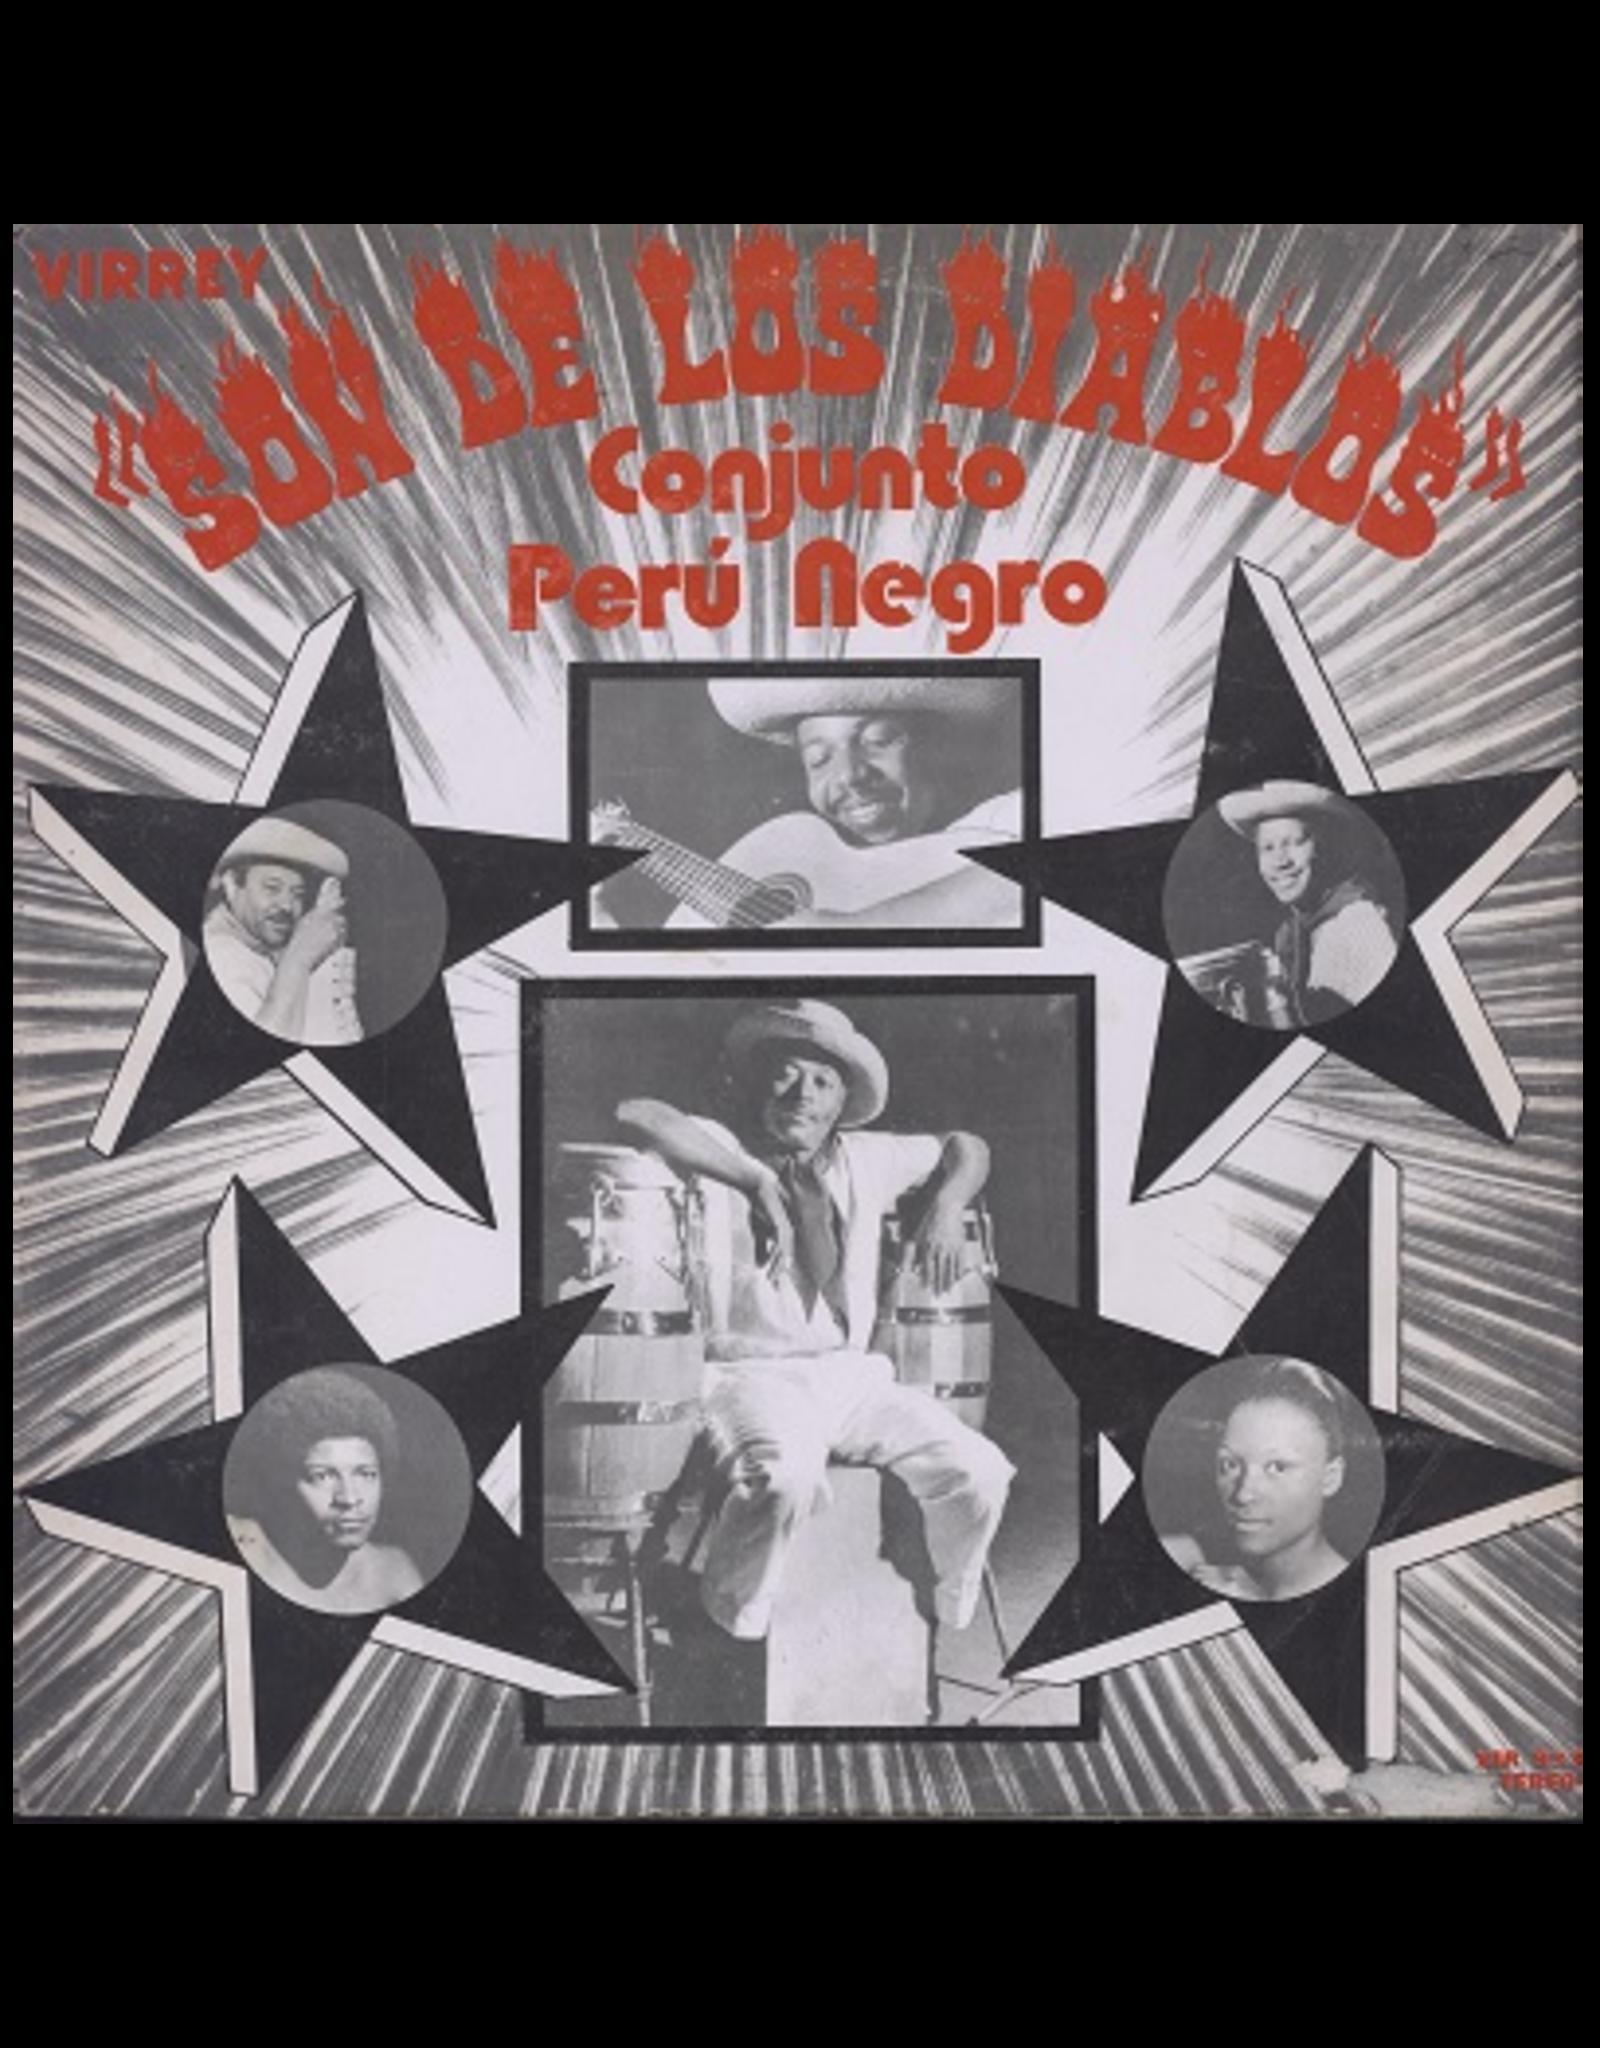 Conjunto Peru Negro - Son De Los Diablos LP